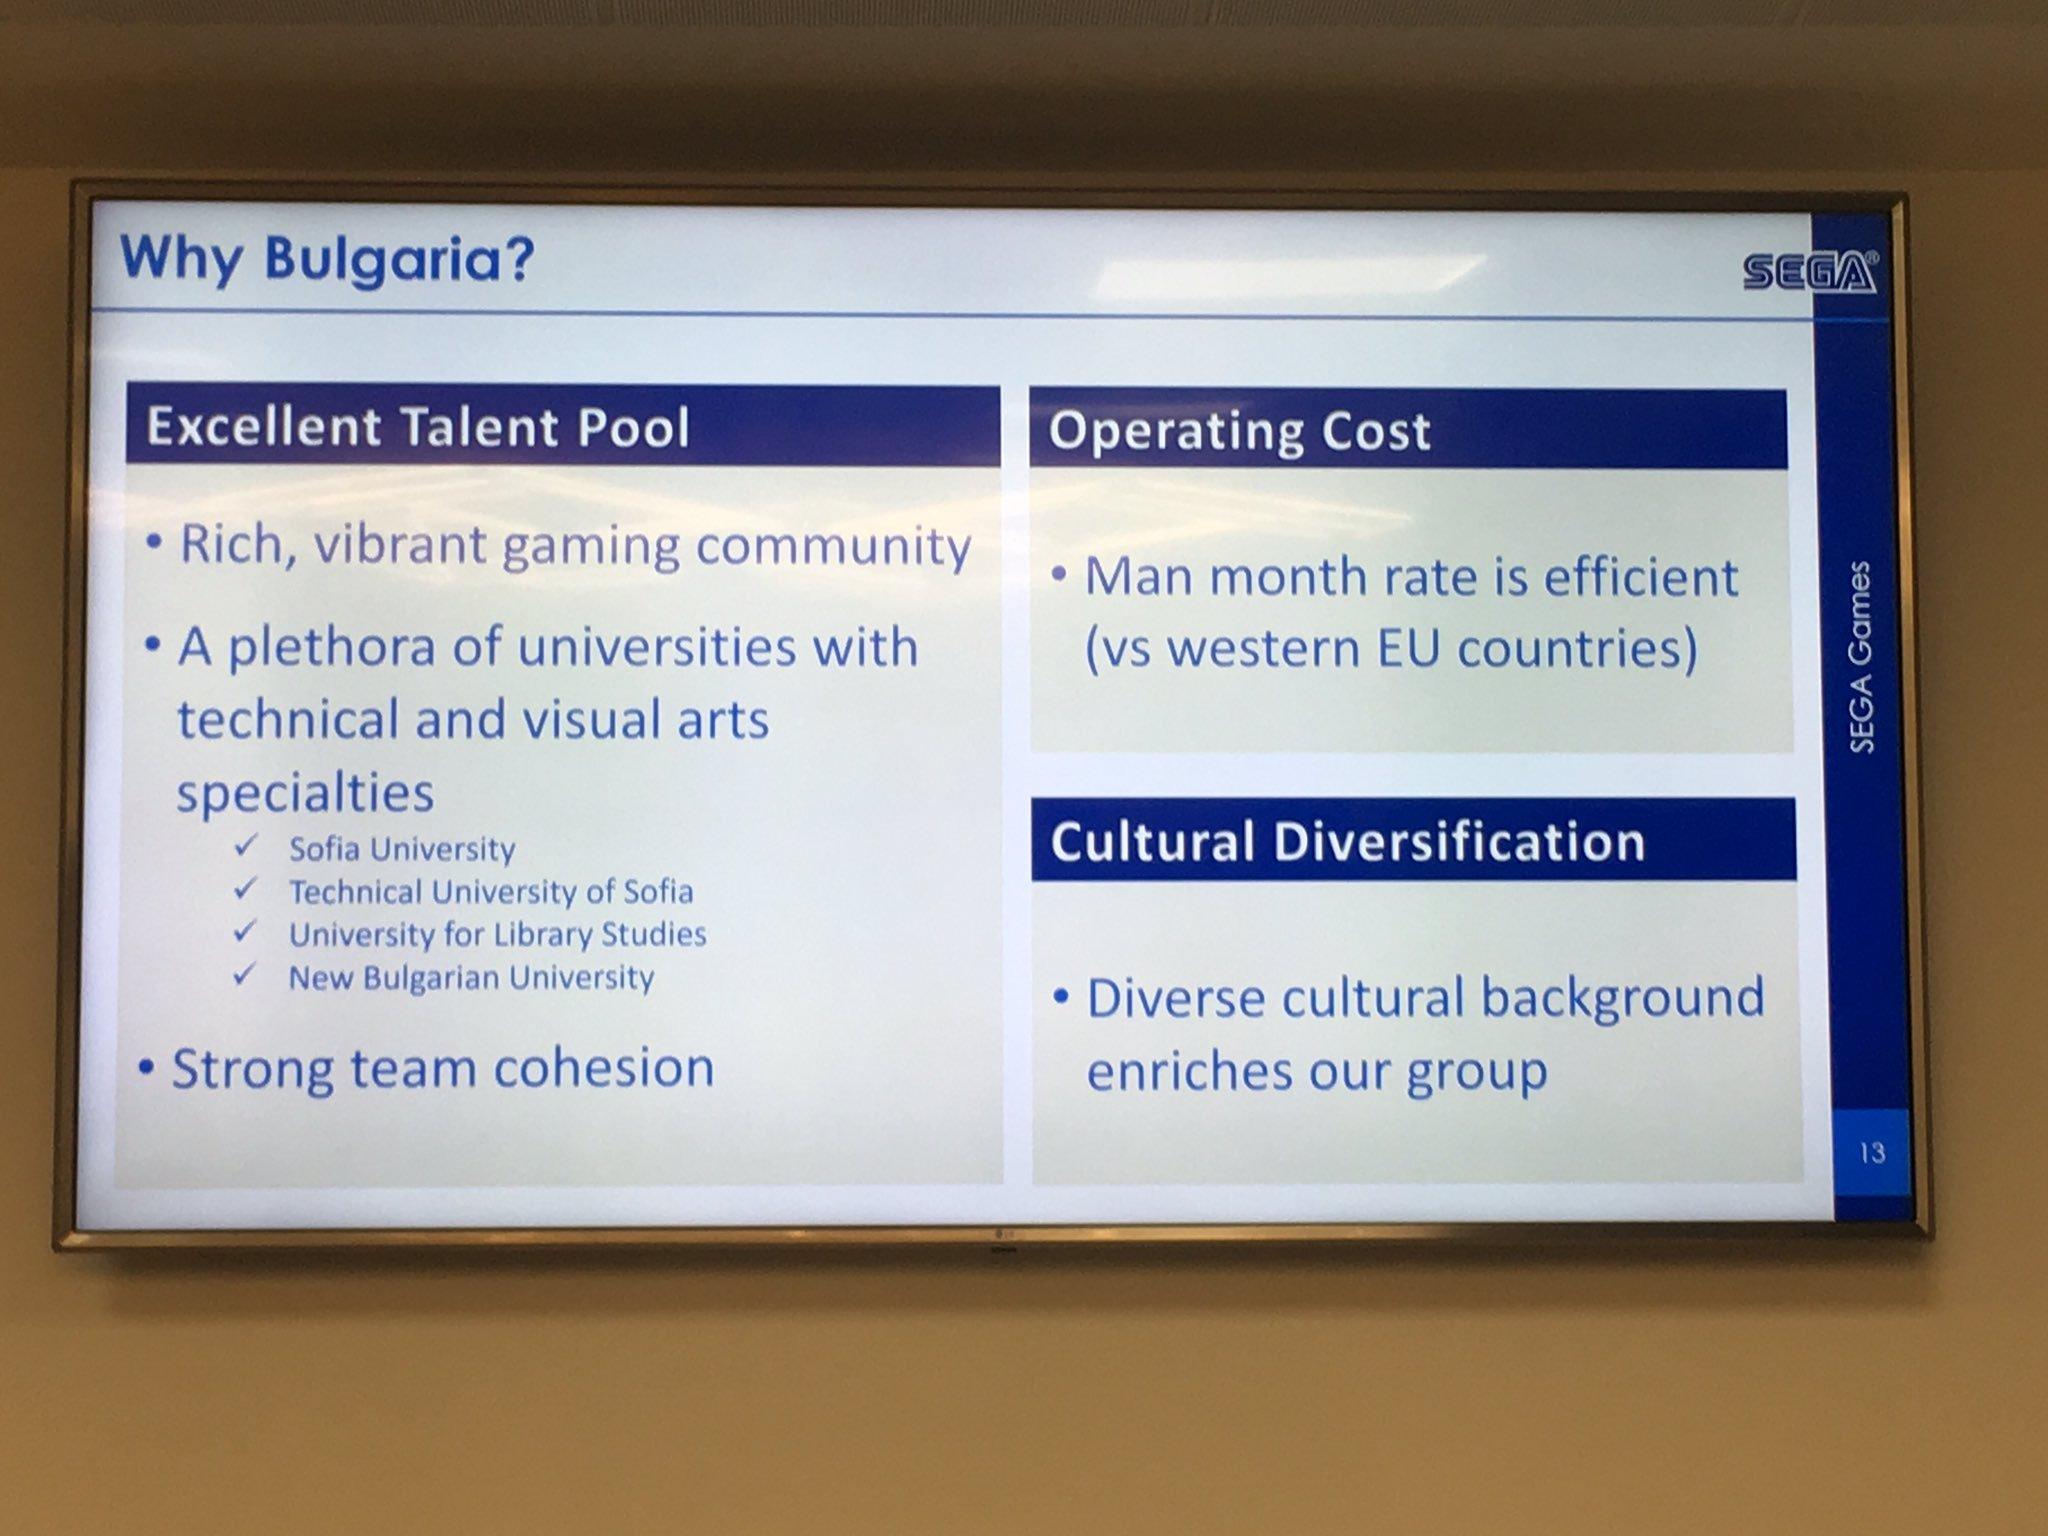 河野外相のTwitterより。ゲーム開発拠点としてのブルガリアの特徴。開発力の高さやコストの安さ、文化的な多様性などが挙げられている